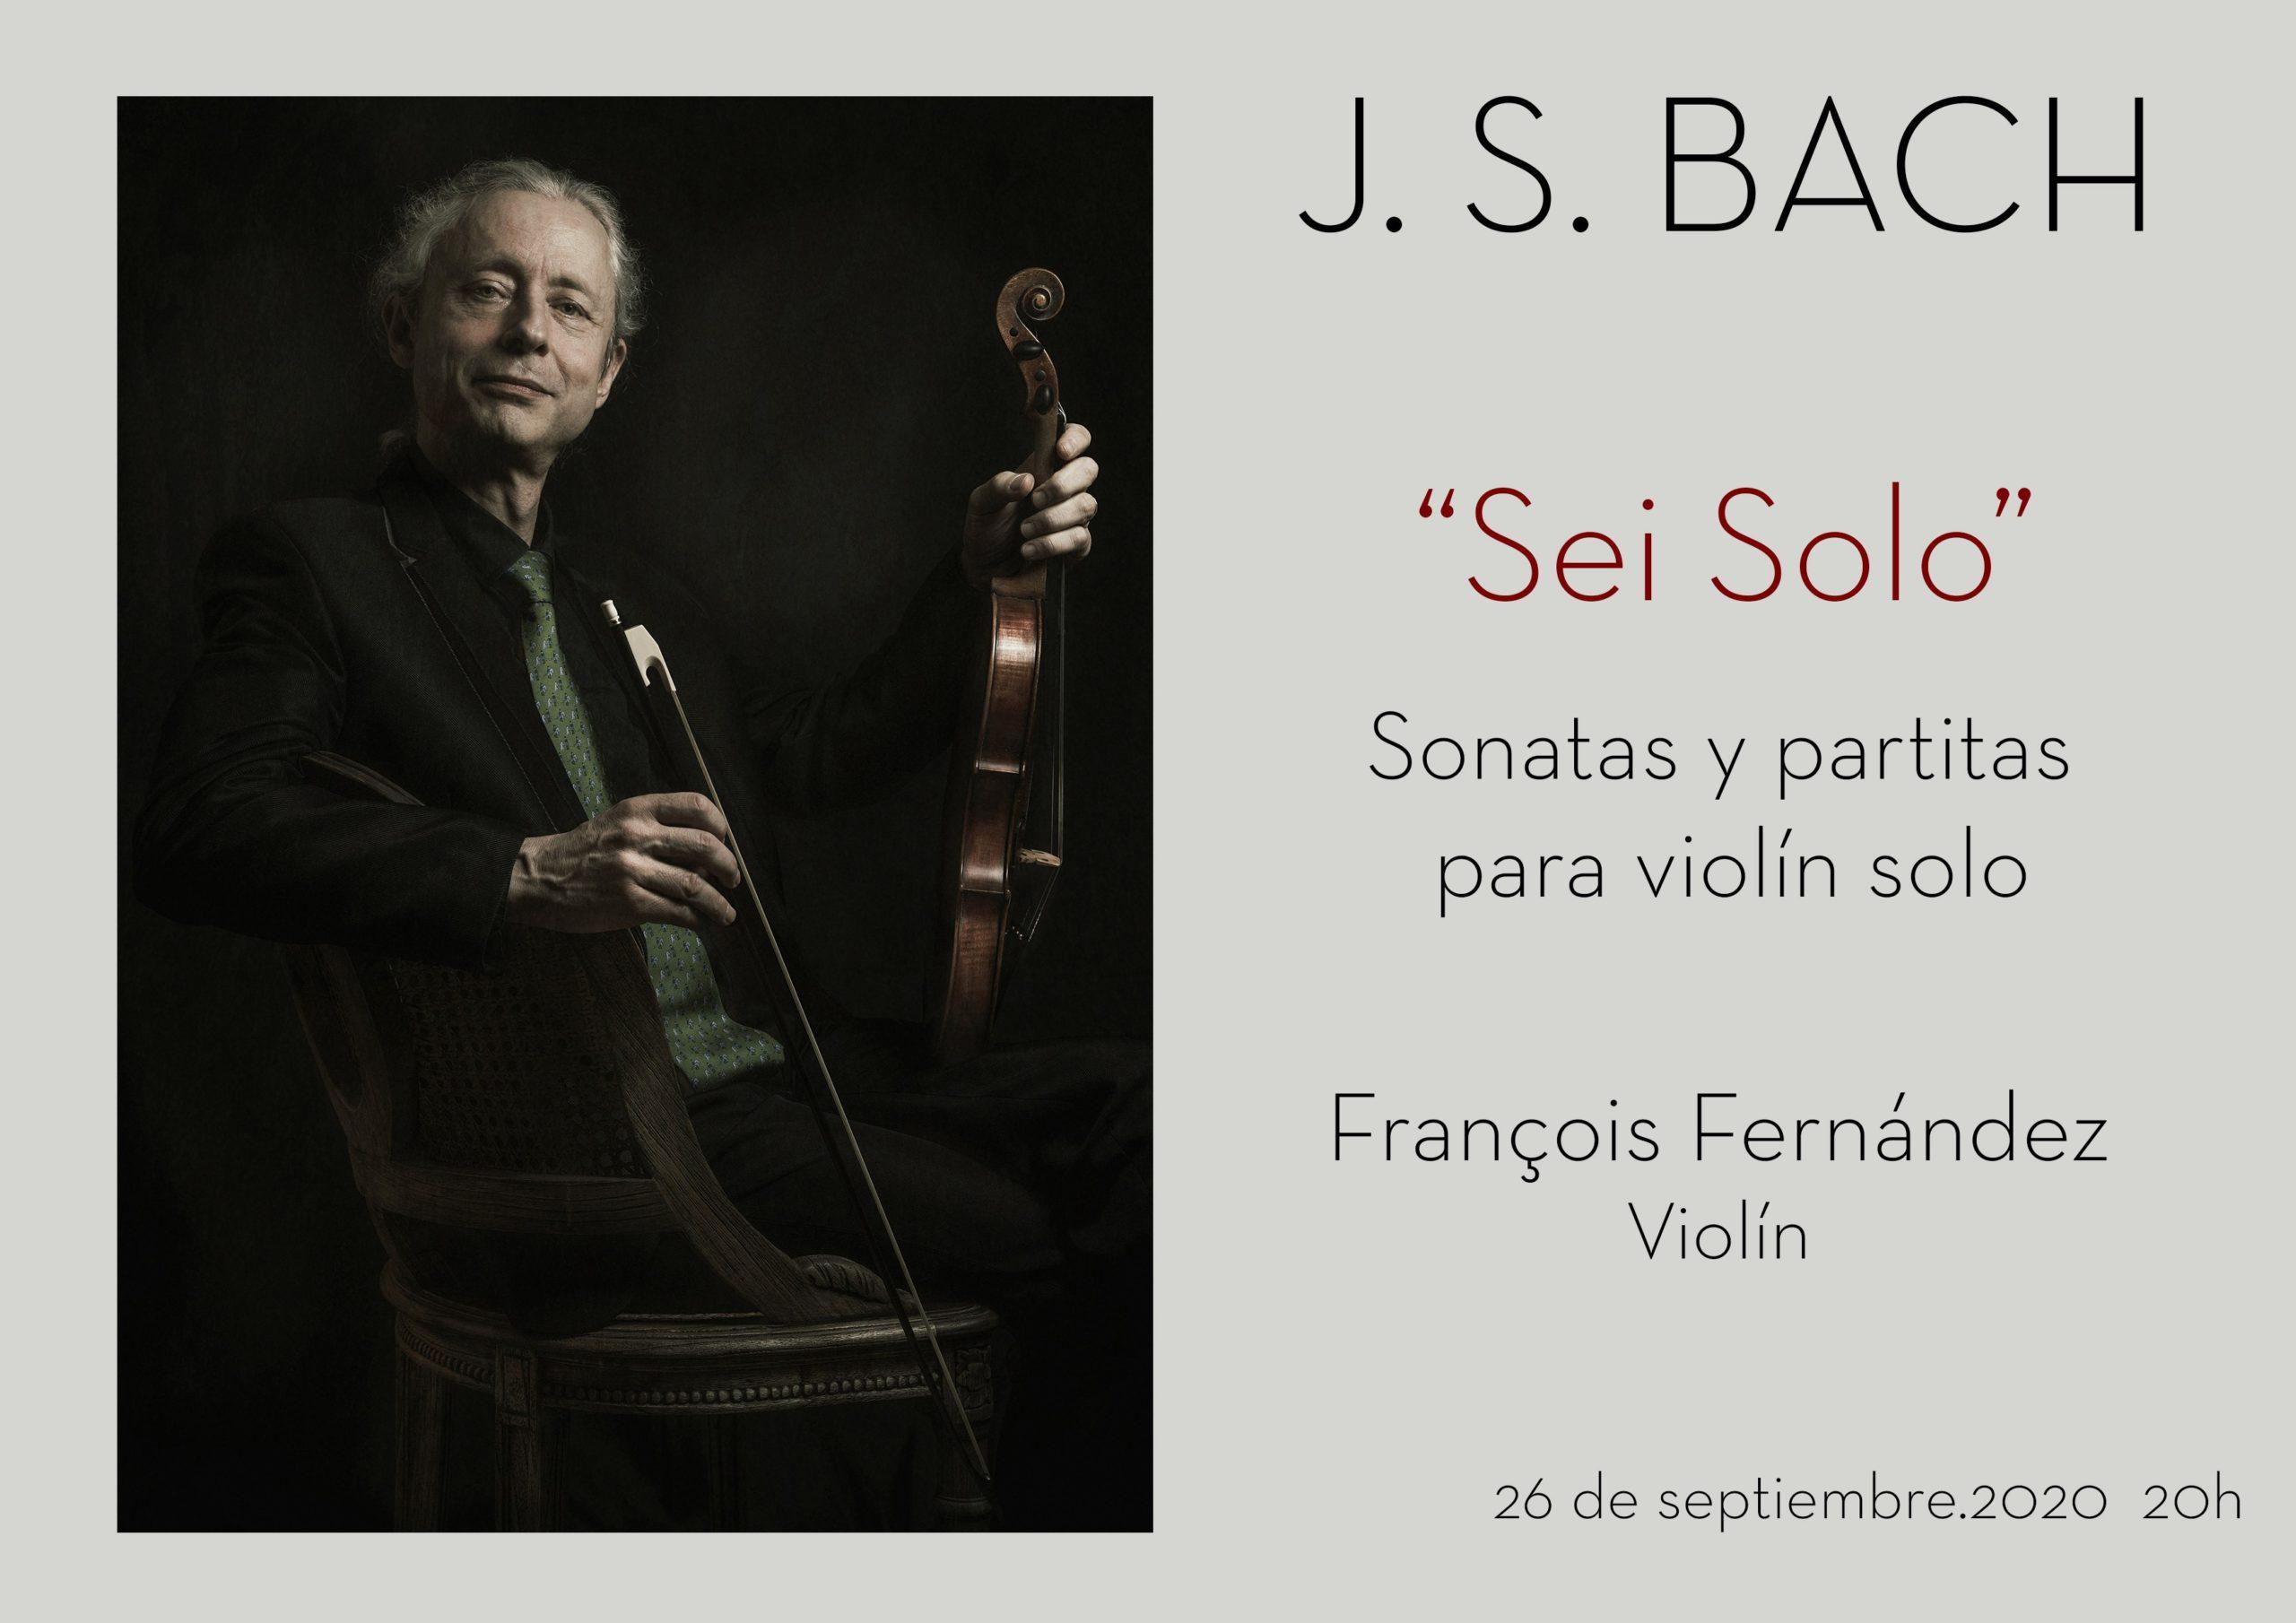 """""""Sei solo: Sonatas y partitas para violín solo"""". J.S. Bach. François Fernández, Violín Barroco."""